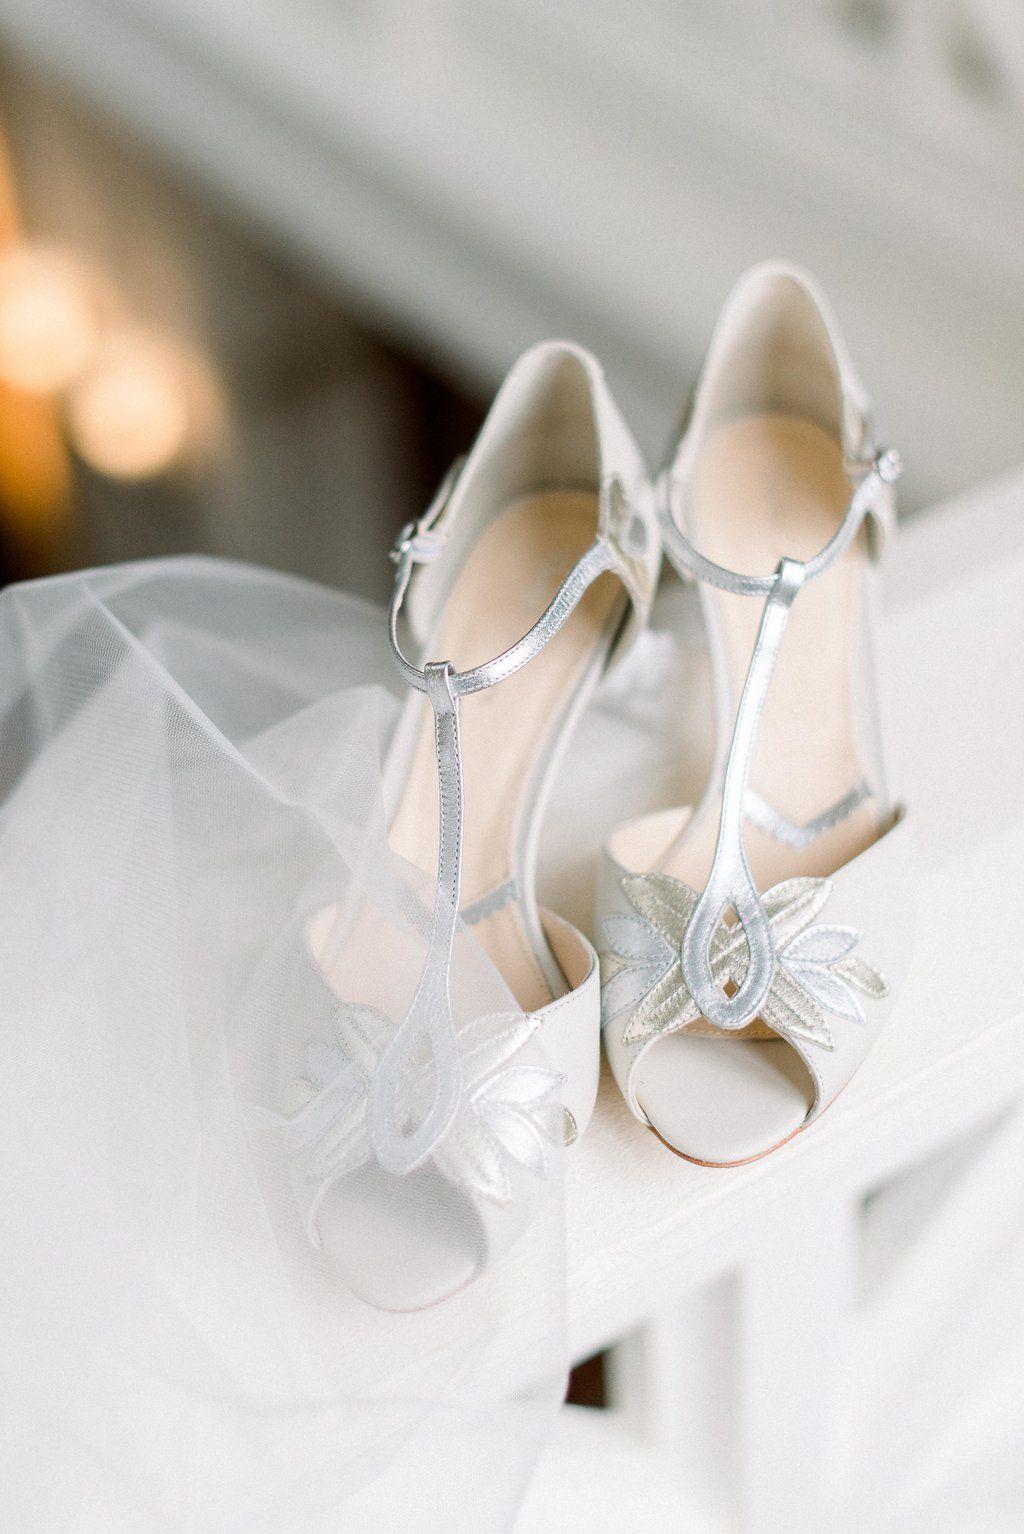 Brautschuhe Silber Gold Creme Mit Art Deco Elementen Und Riemchen 20er Jahre Hochzeit 20 Jahre Hochzeit Schuhe Hochzeit Brautschuhe